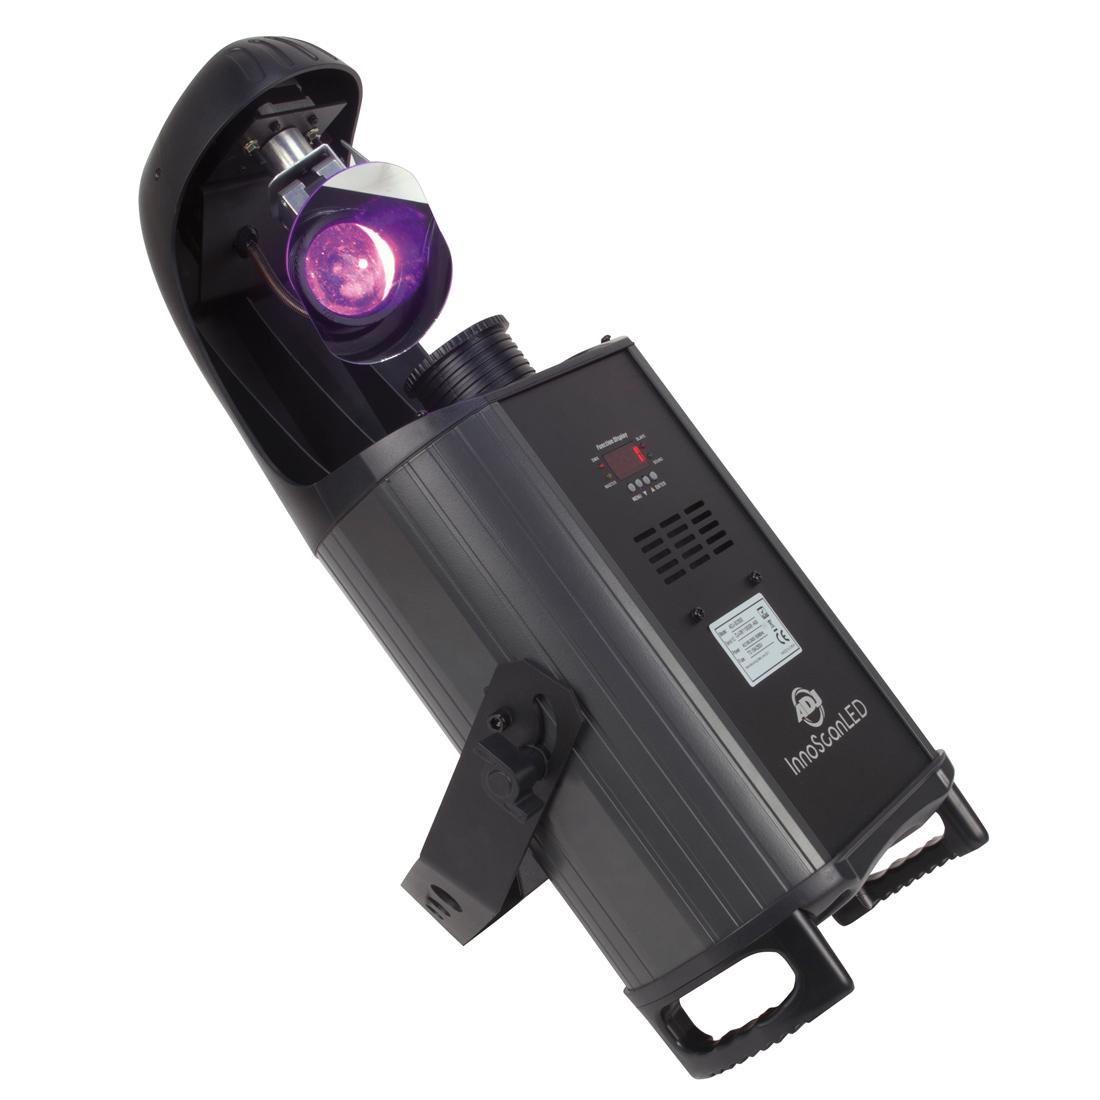 Inno Scan LED